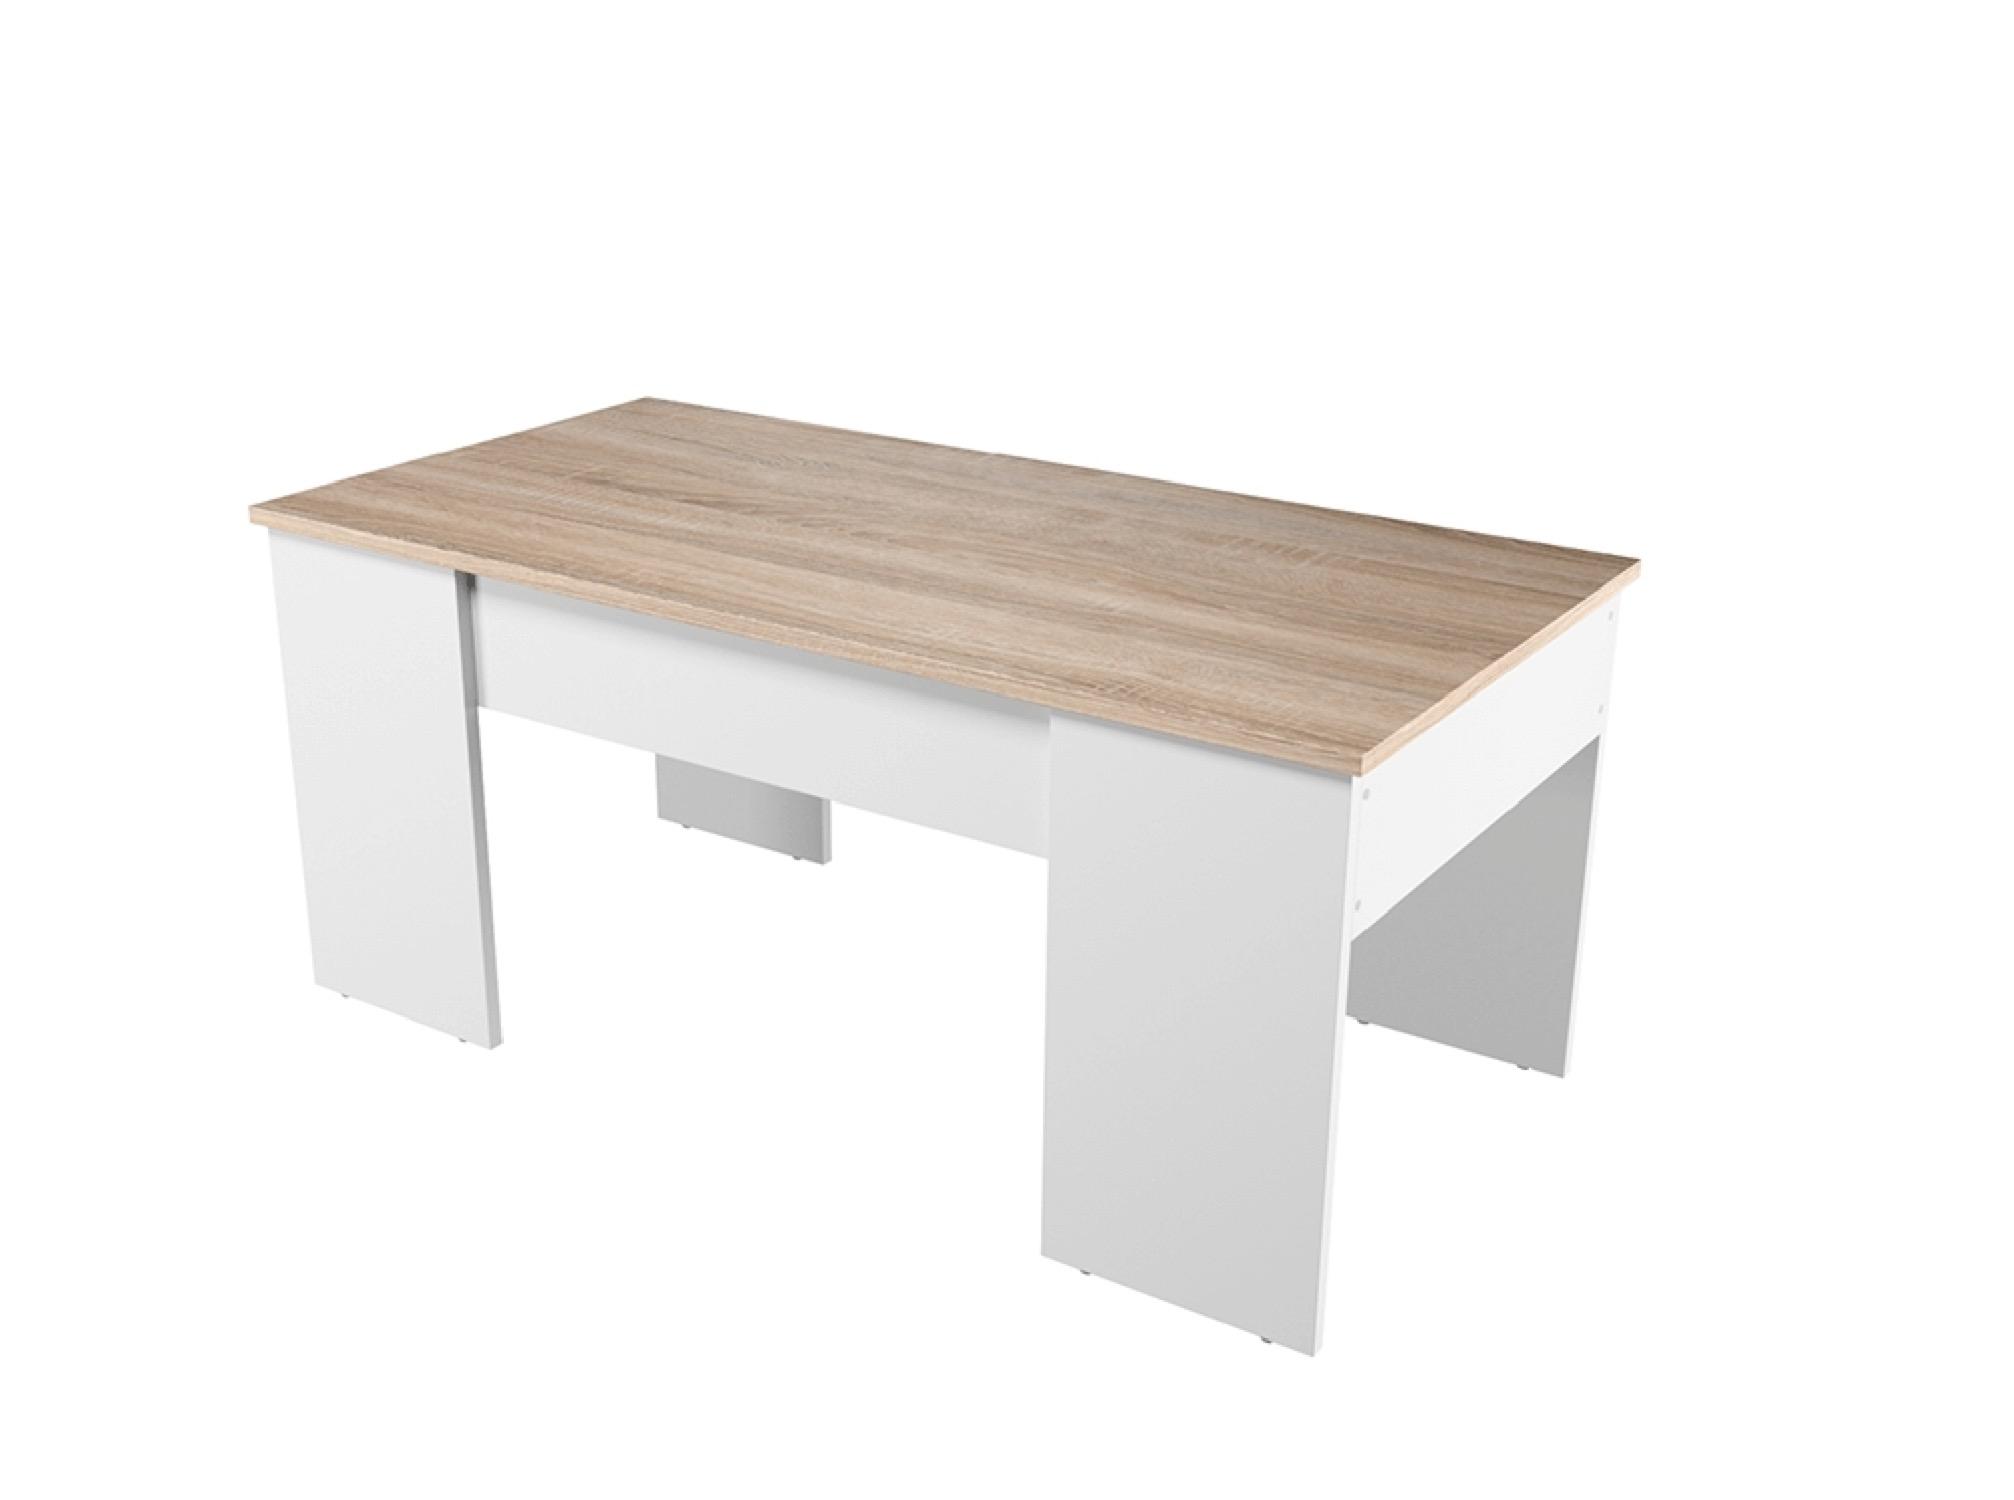 Table basse avec plateau relevable blanc/bois